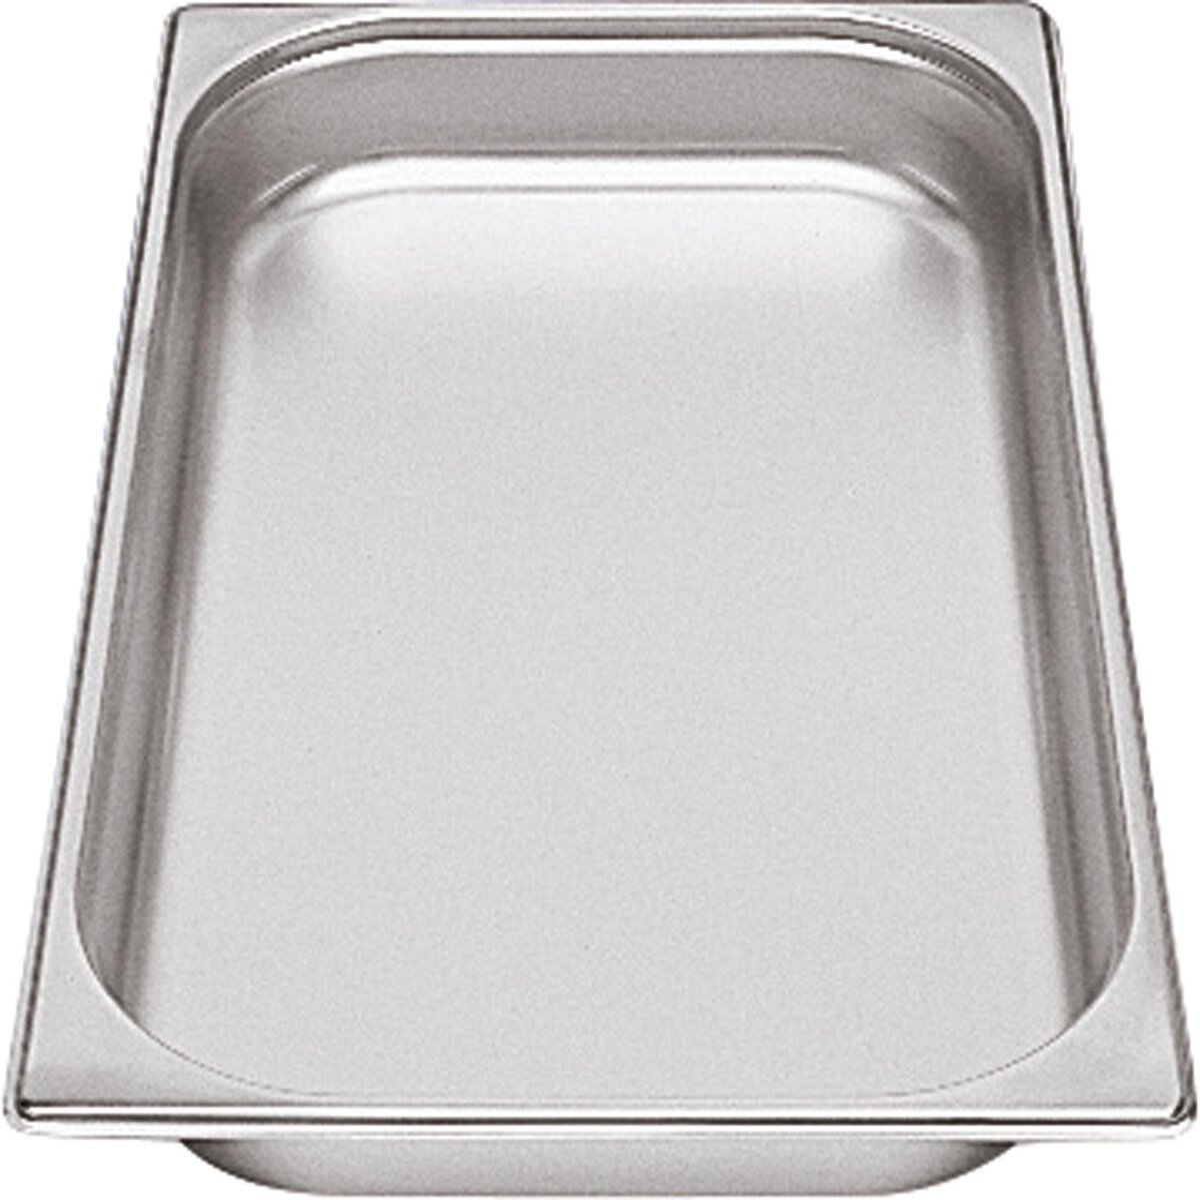 GN-Behälter 1/1 Edelstahl 20mm (2)